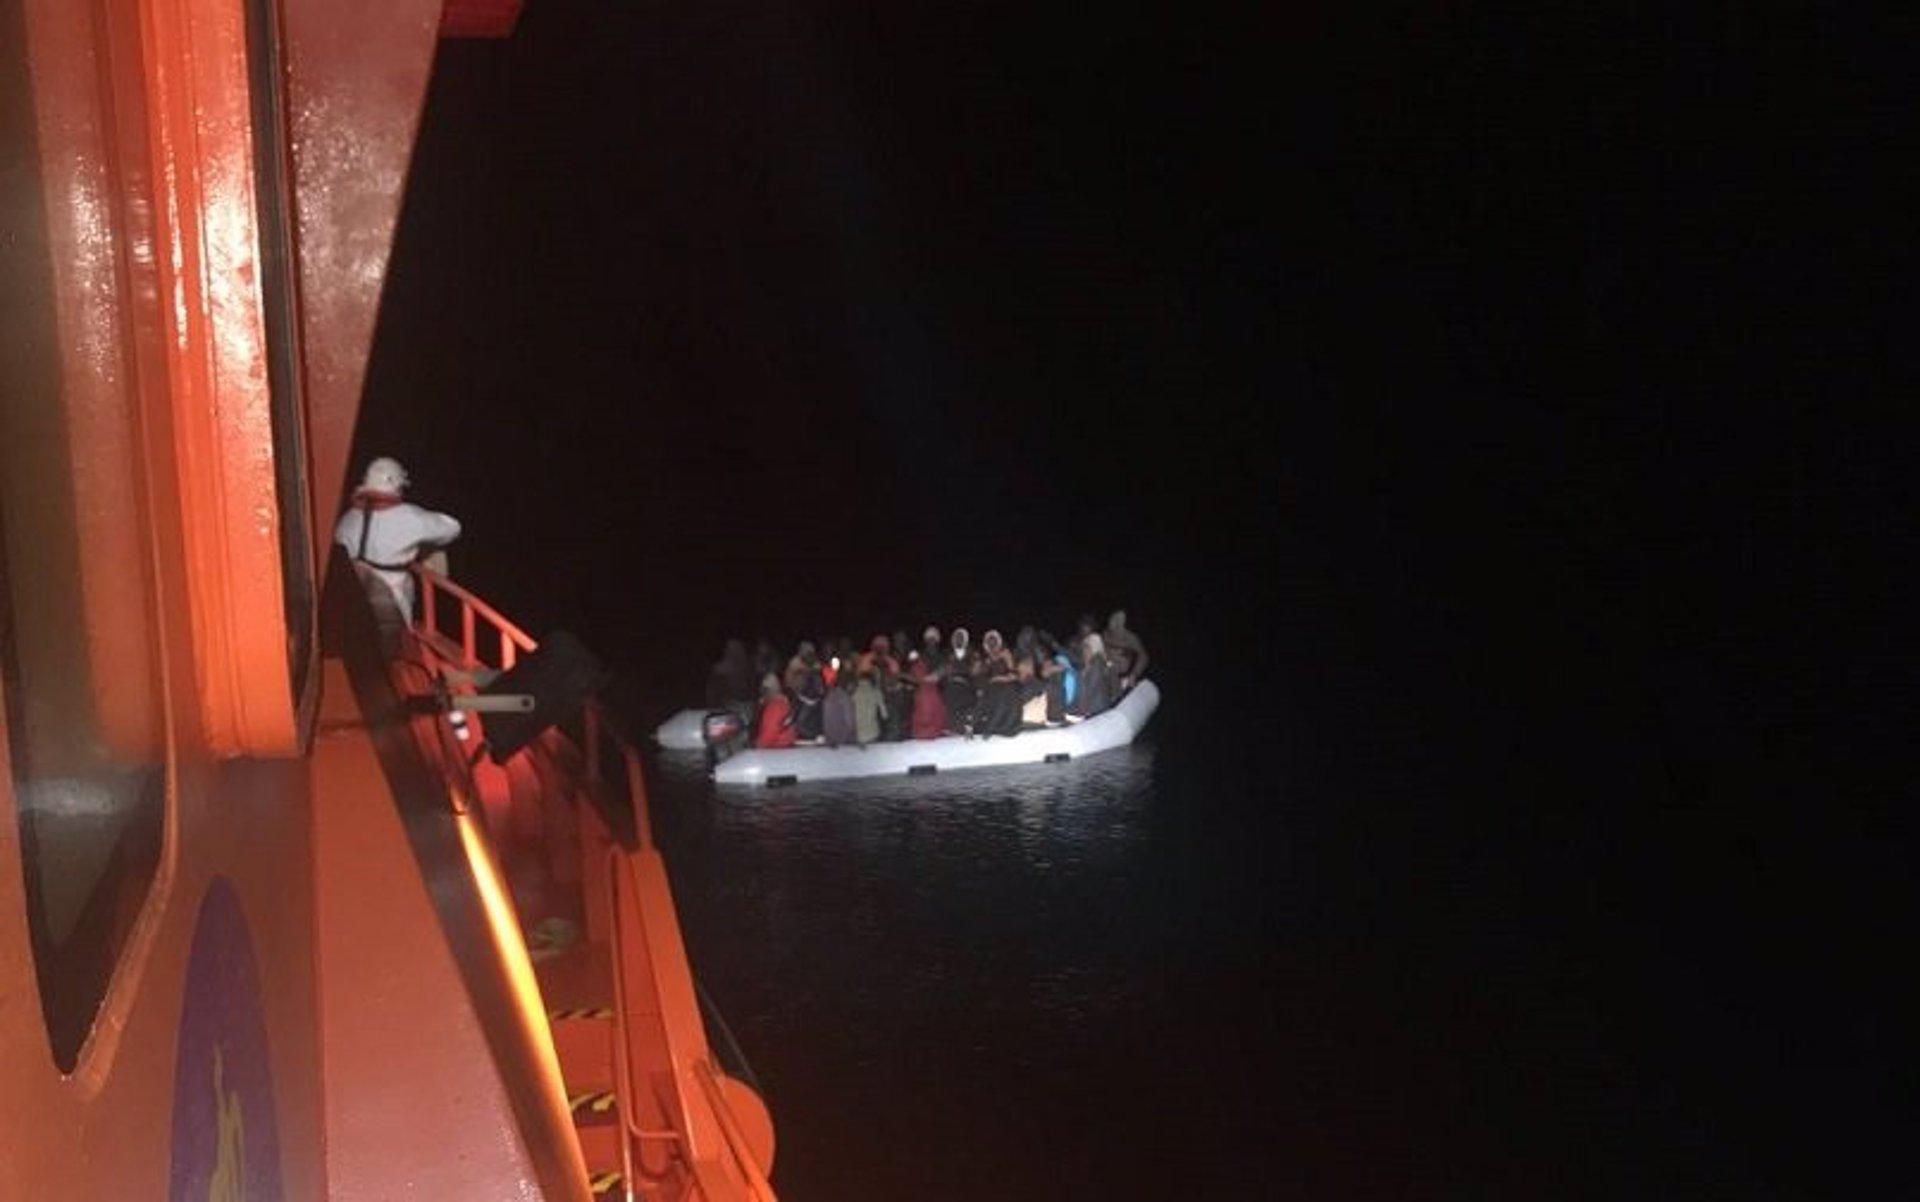 Trasladados al CATE de Motril 54 inmigrantes y el albergue de Víznar acoge a otros 50